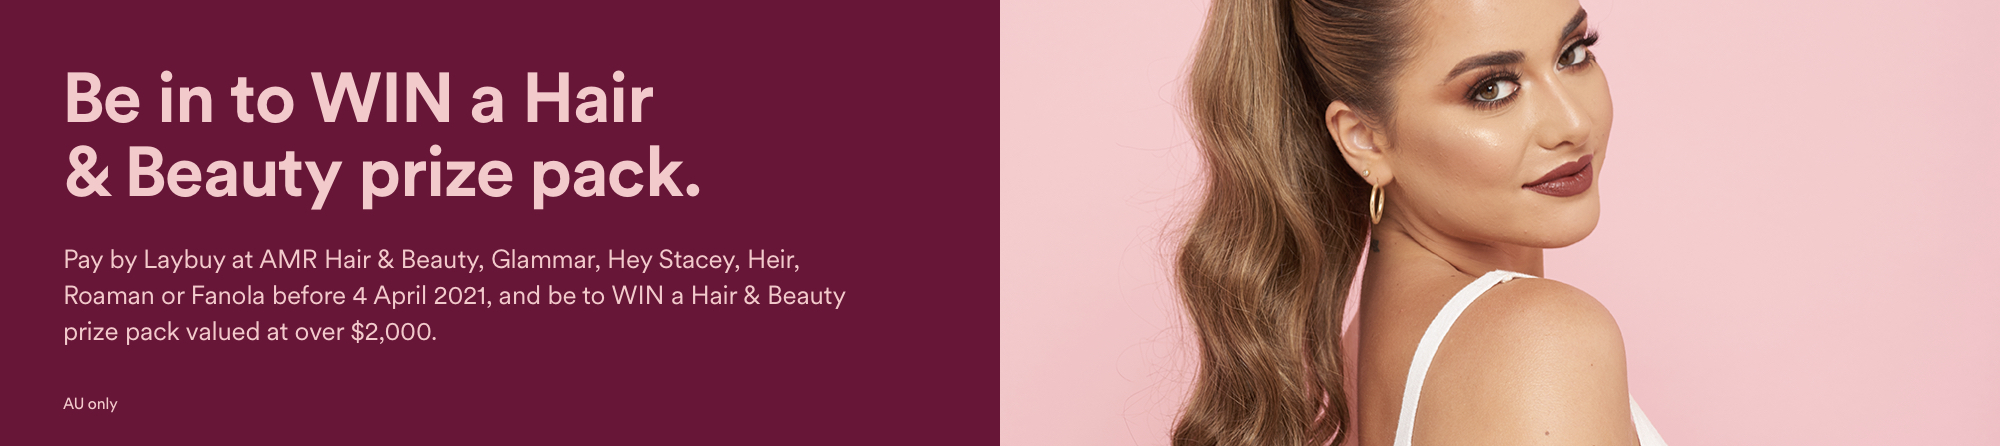 Hair & Beauty_T&Cs Banner-1